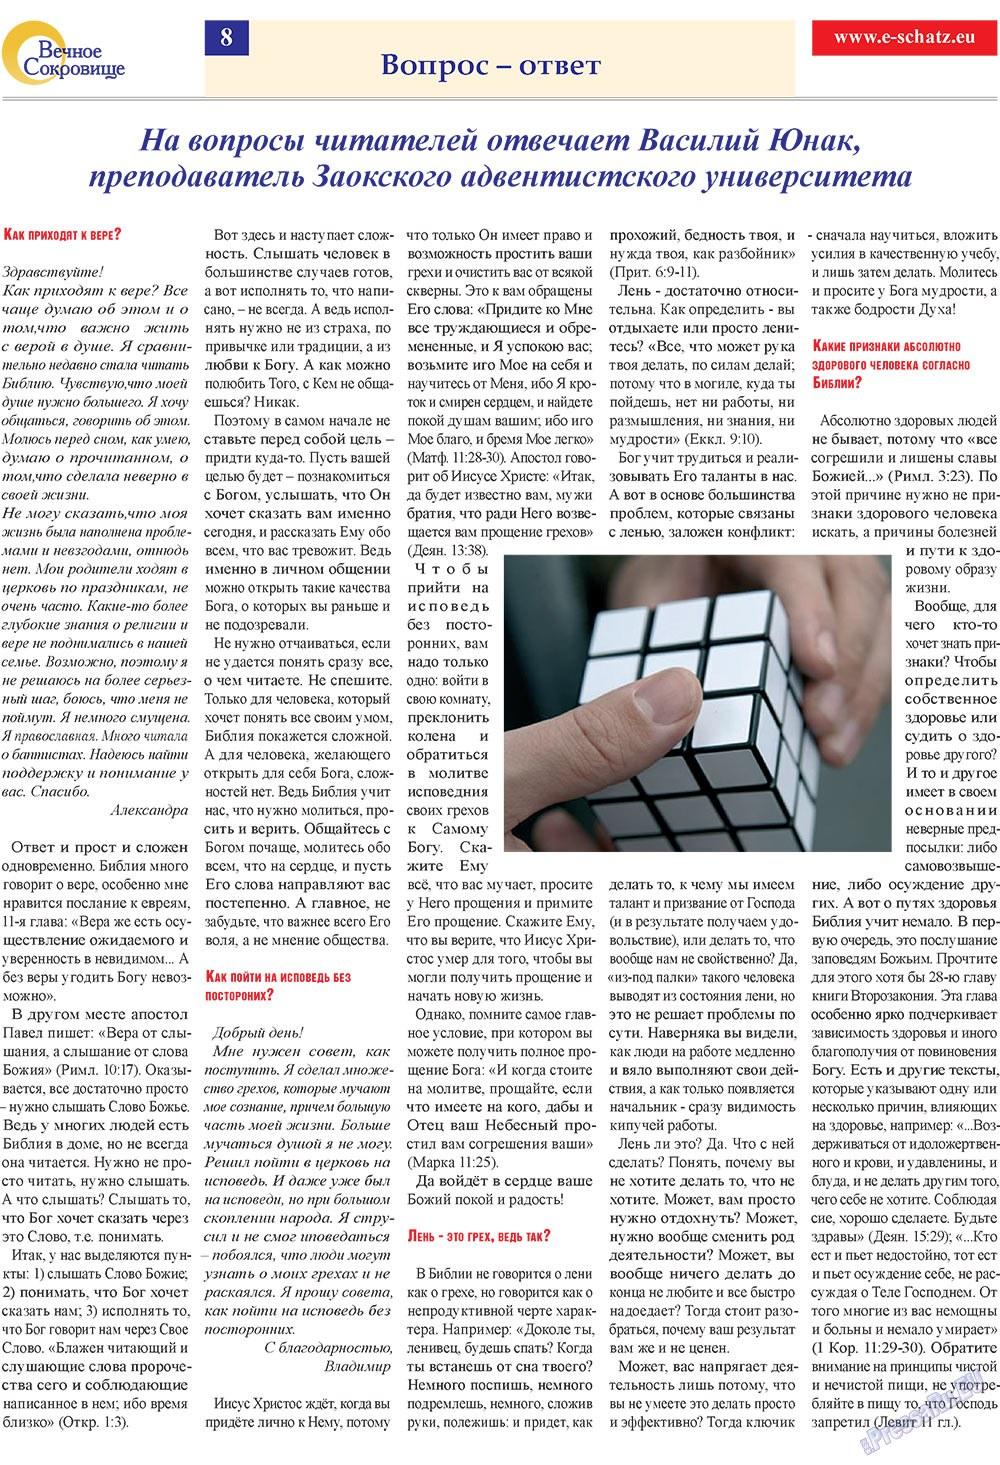 Вечное сокровище (газета). 2010 год, номер 1, стр. 8